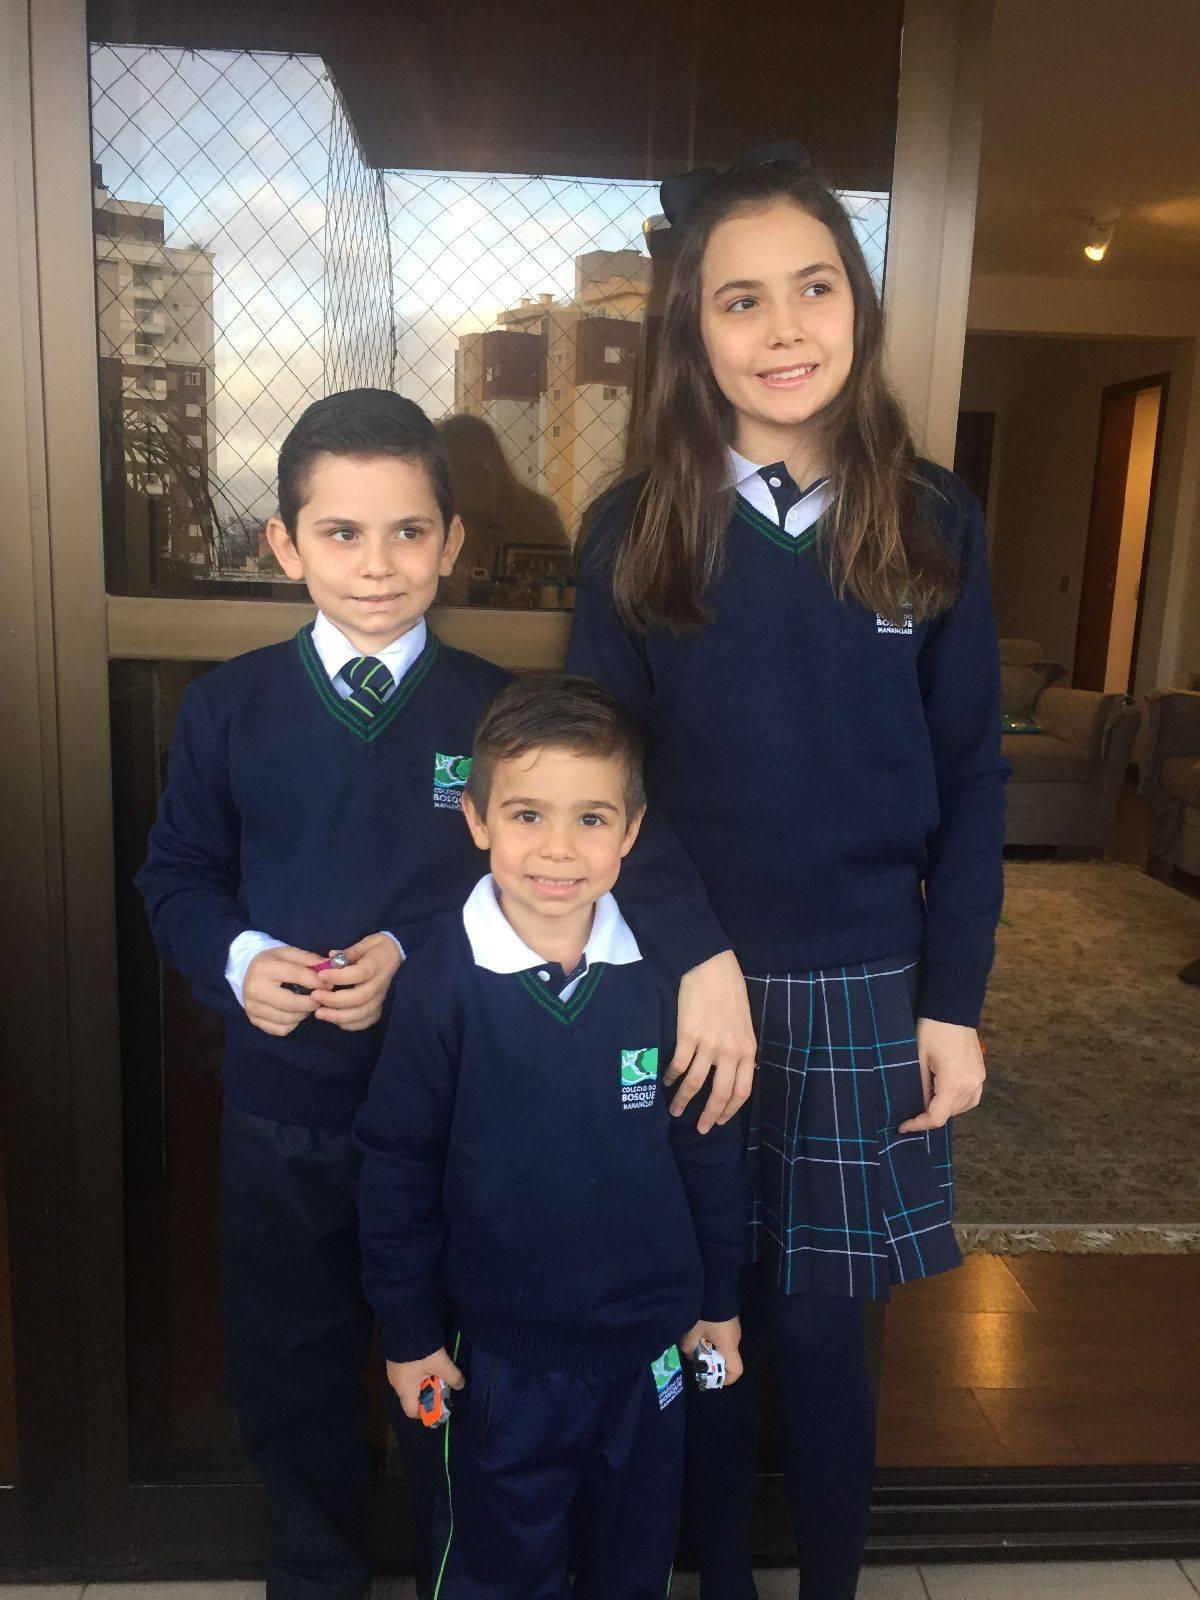 Os três filhos do casal  Cristina Debiasi e João Evaristo Debiasi  estudam no Colégio Bosque Mananciais, que foi a escolhida como a mais adequada às expectativas do casal. (Foto: arquivo pessoal)